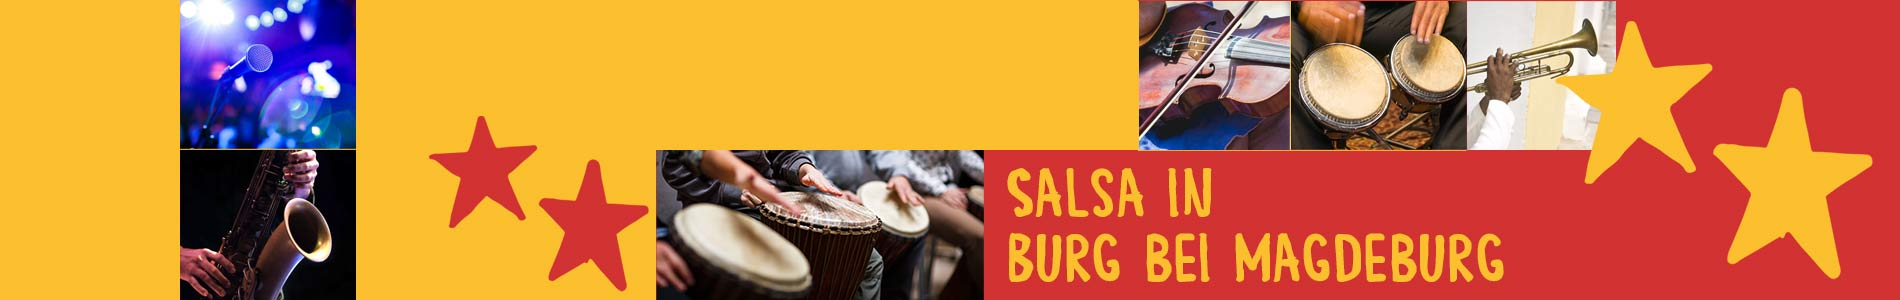 Salsa in Burg bei Magdeburg – Salsa lernen und tanzen, Tanzkurse, Partys, Veranstaltungen